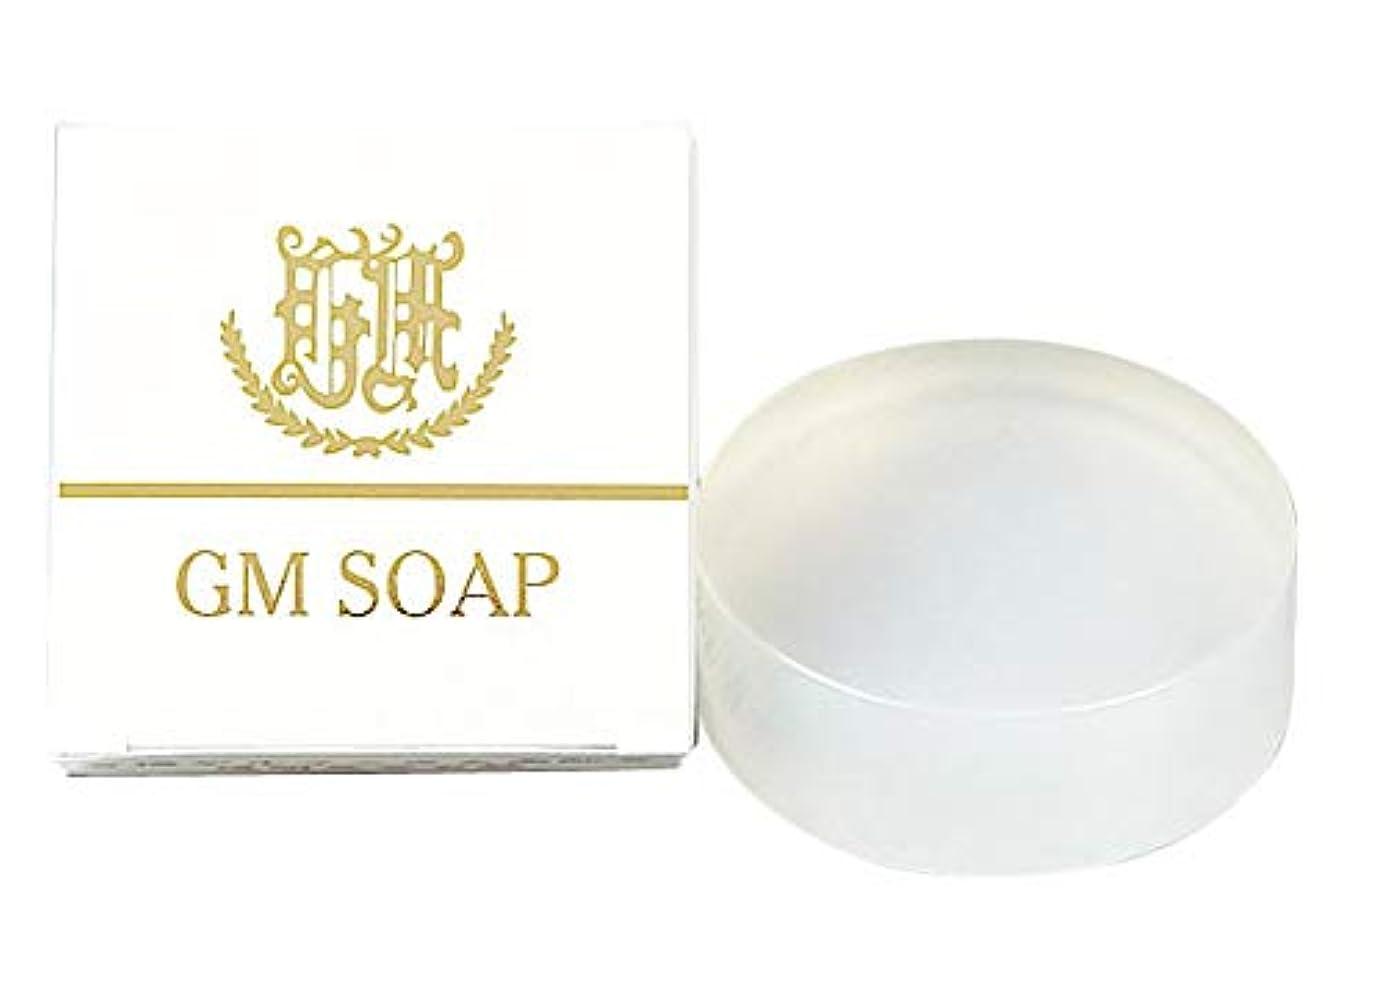 イライラするクリエイティブ漁師【GM SOAP(ジーエムソープ)】 100g